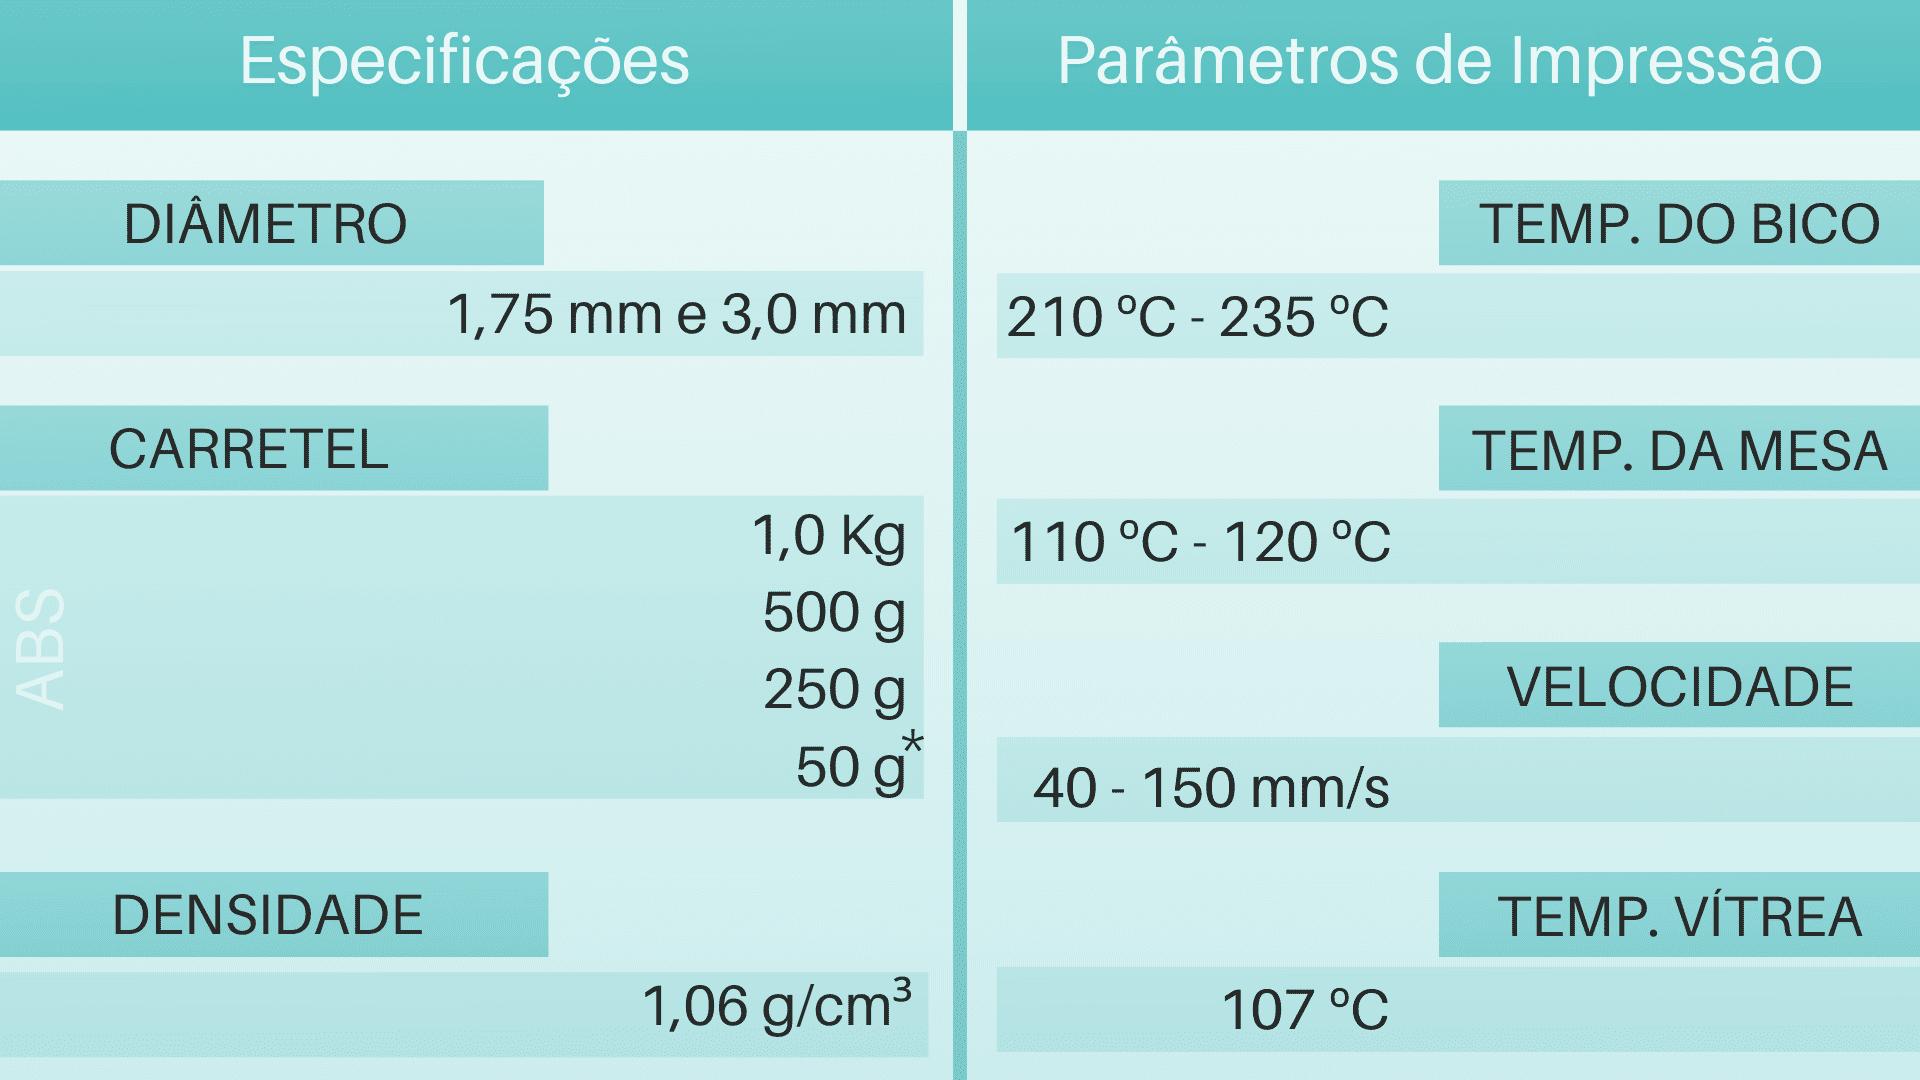 Tabela de Parâmetros e especificações do filamento 3d ABS